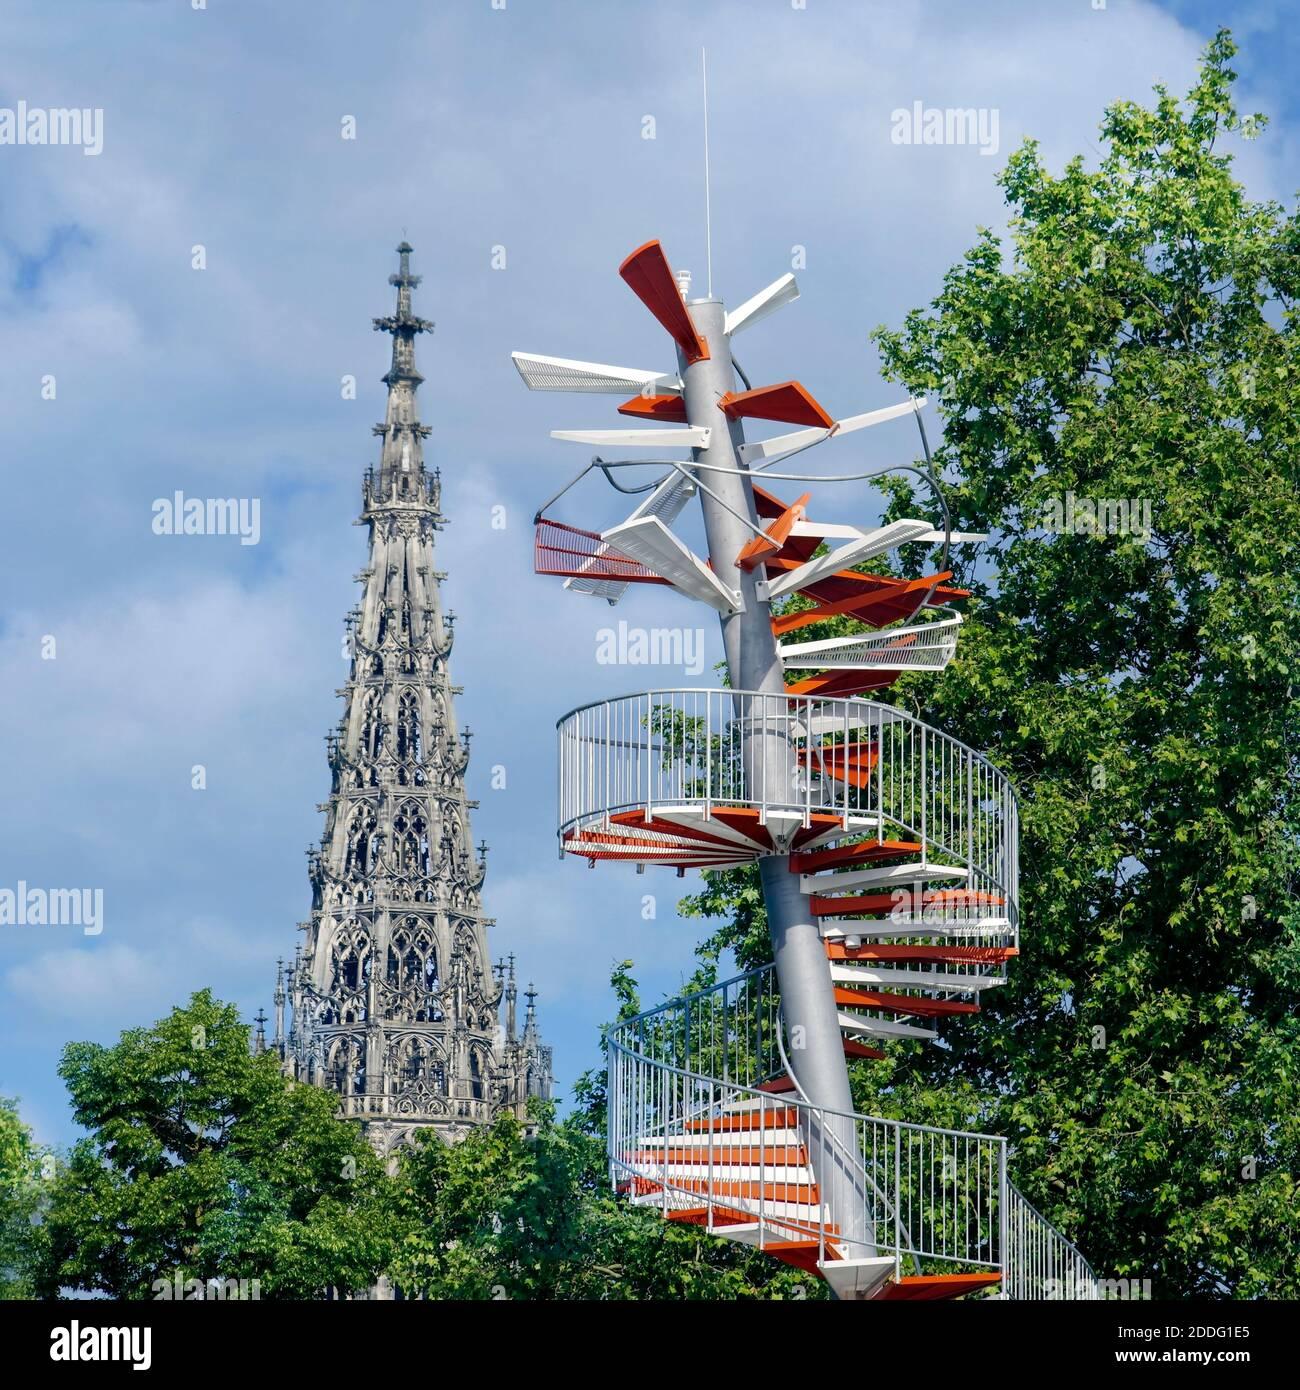 Ulmer Berblinger Tower beside Ulm Minster Stock Photo